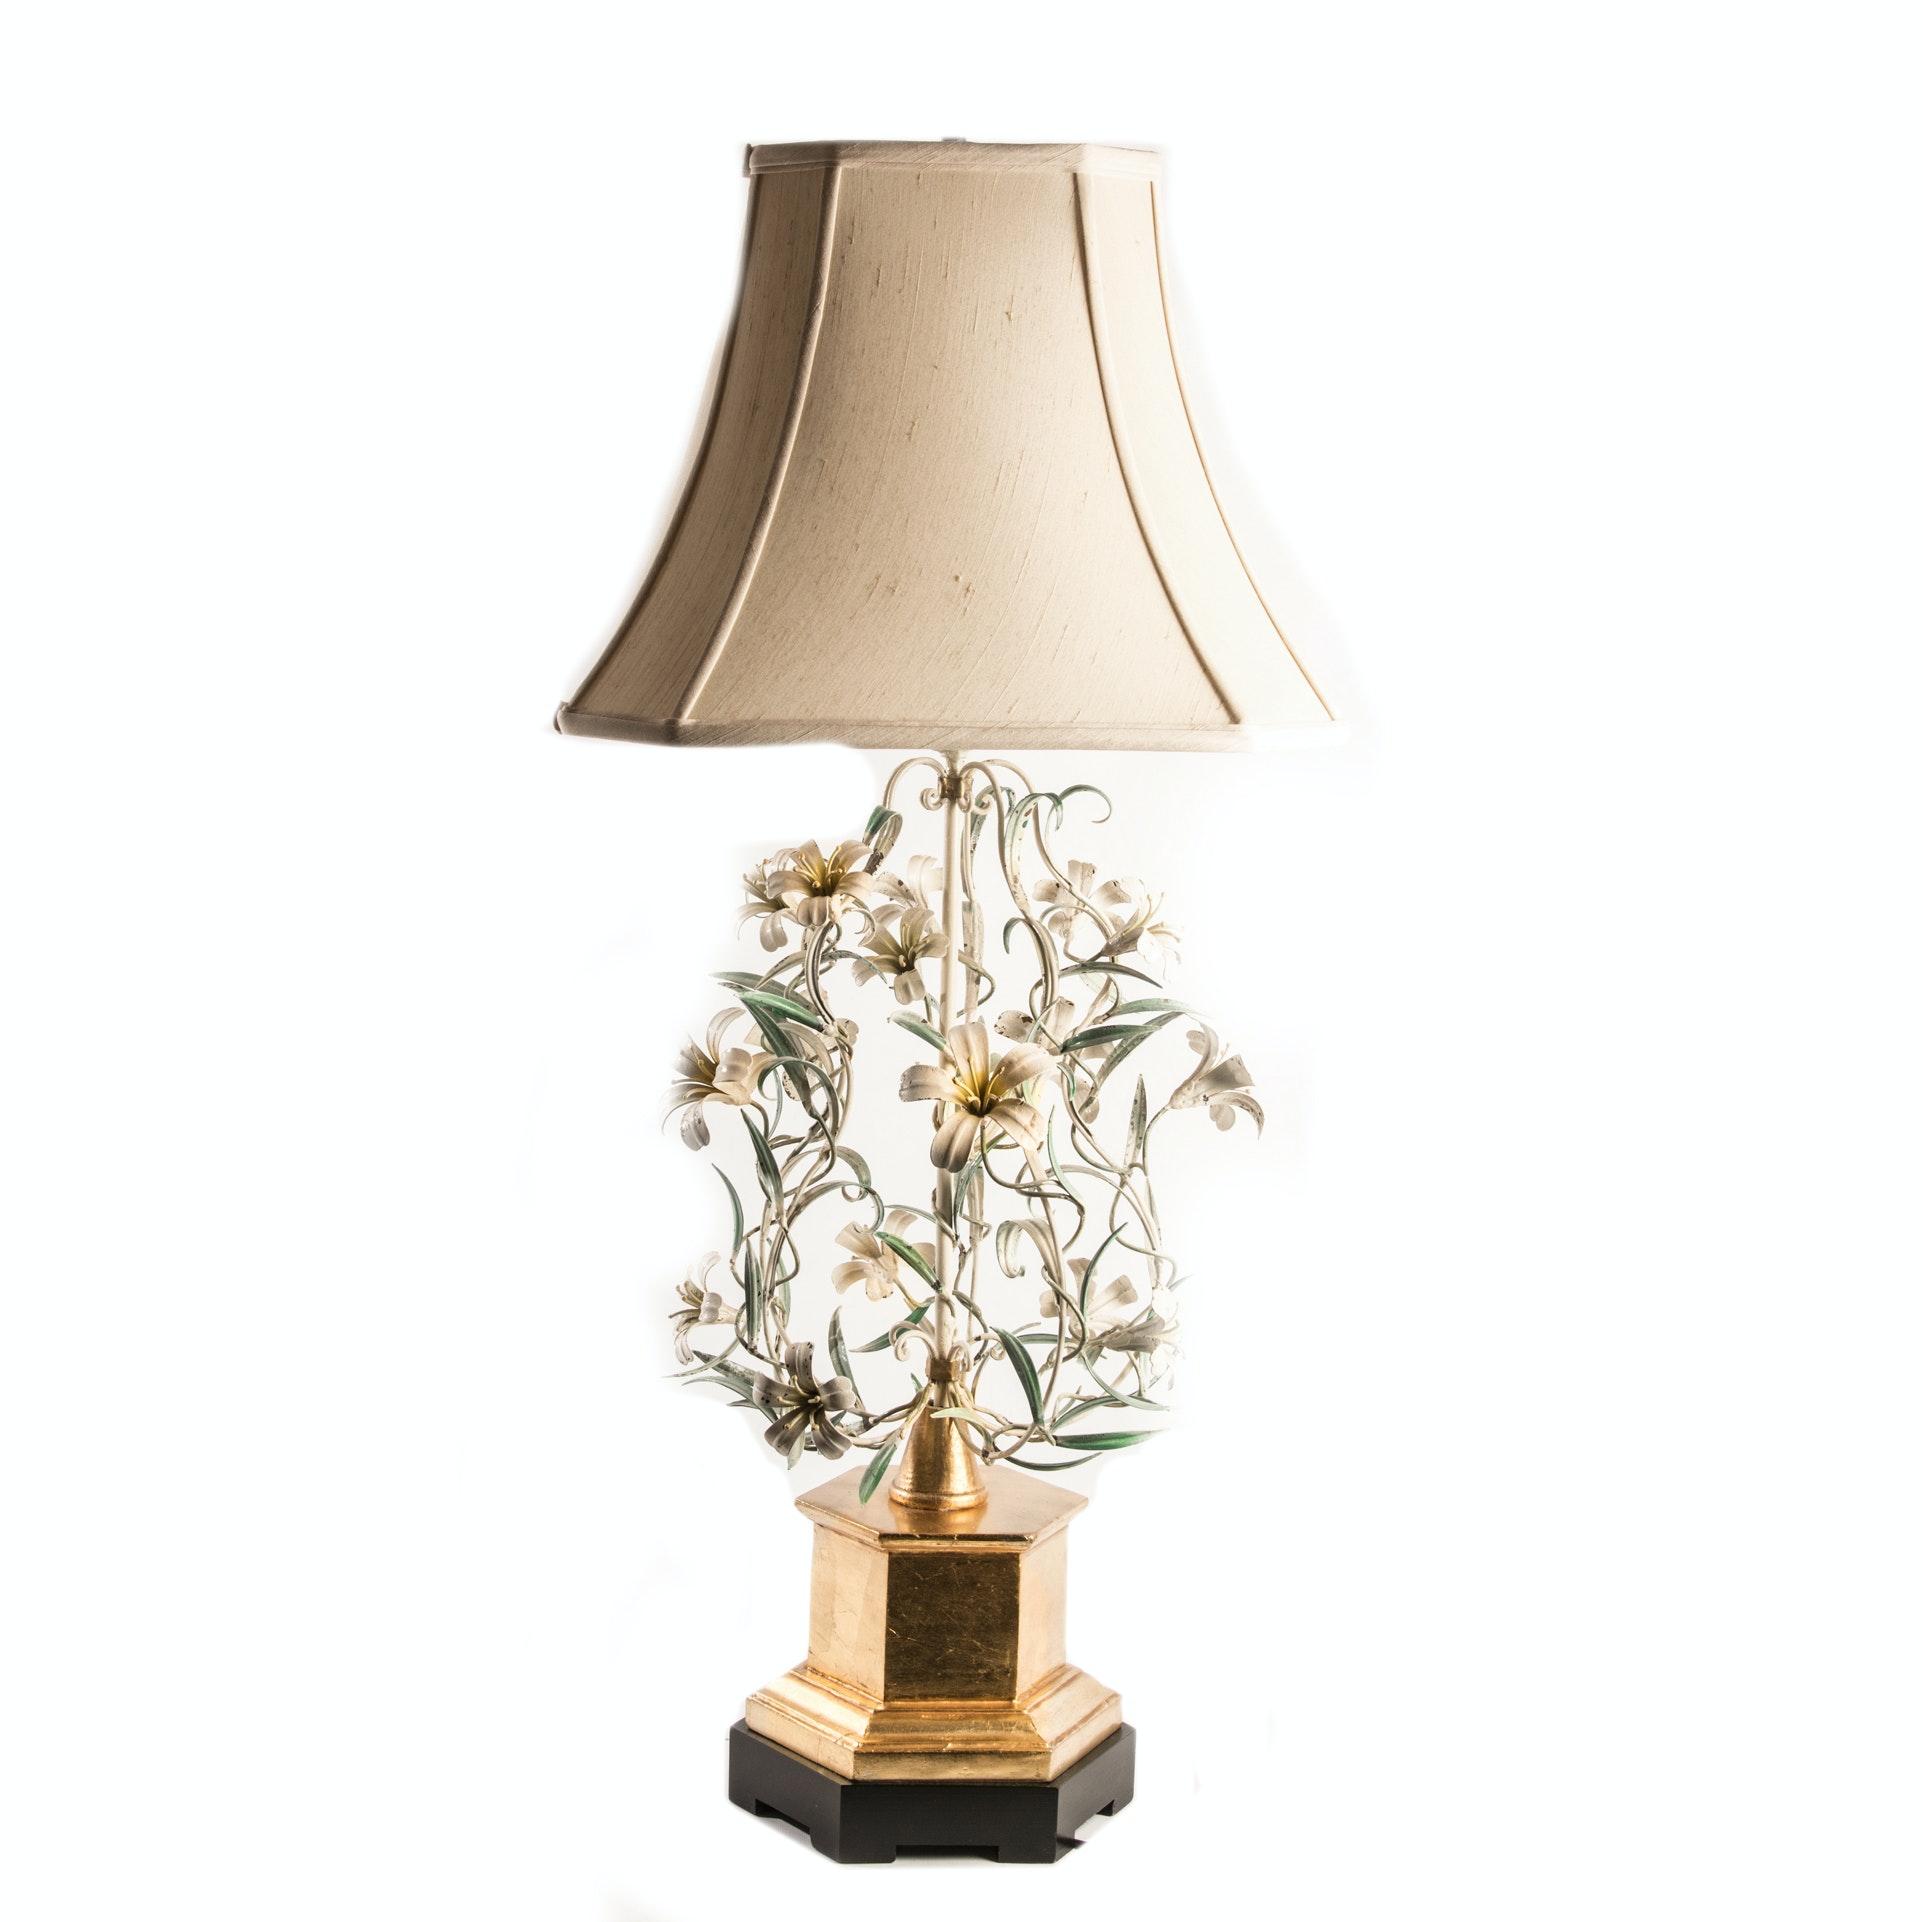 Vintage Italian Tole Table Lamp